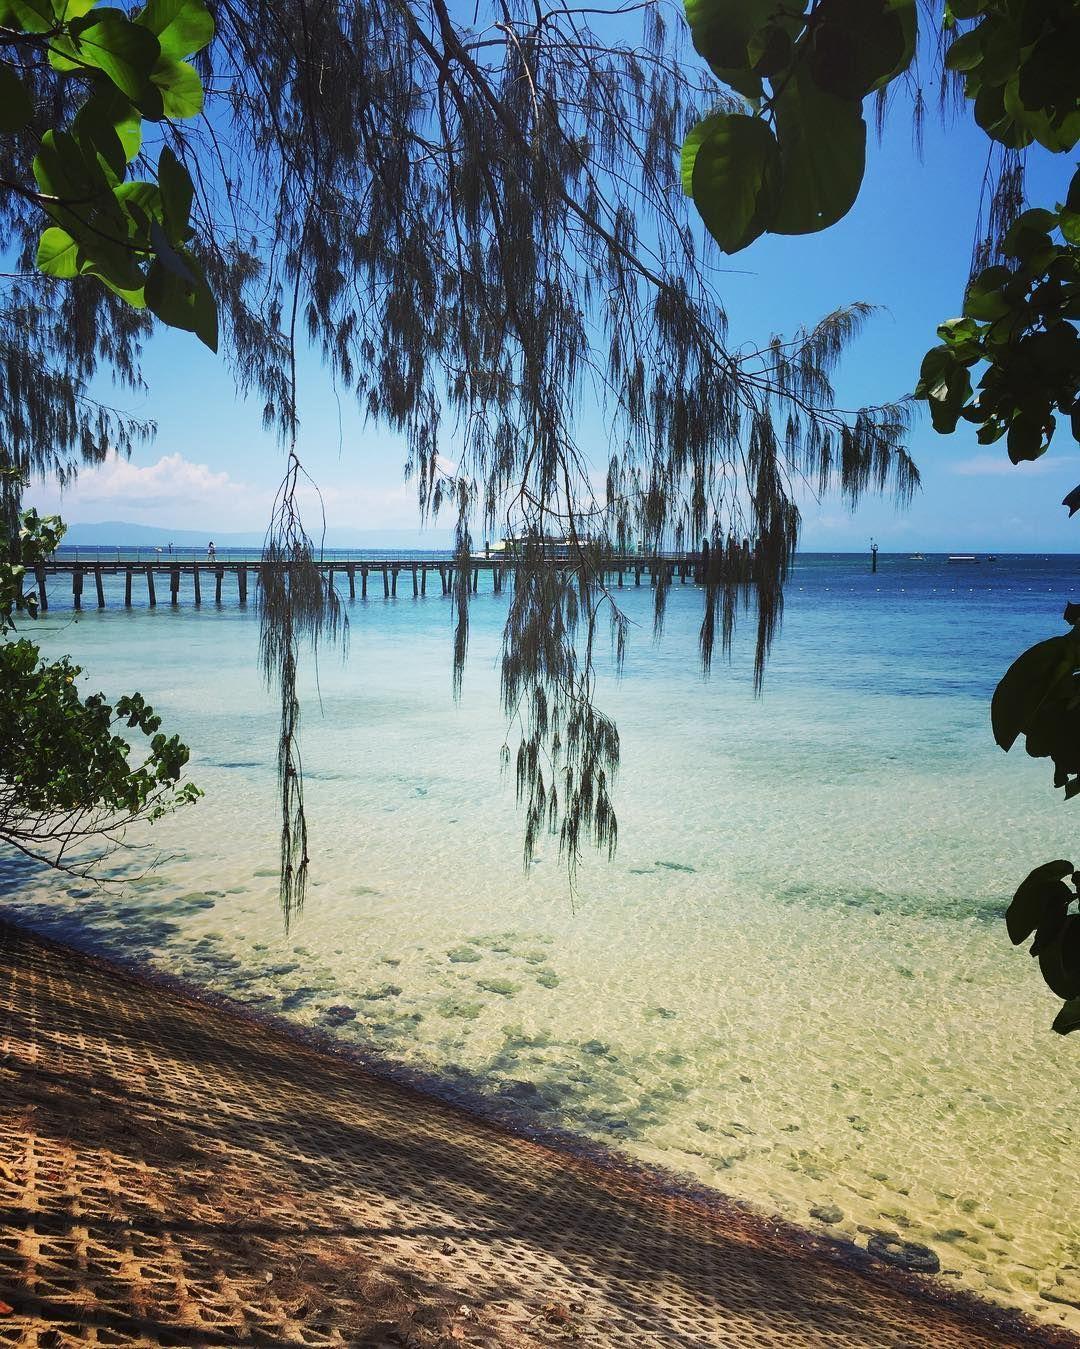 영국 #BBC선정 죽기전에 꼭 가봐야할 #세계여행지 2위 #호주대산호보초 #삼년째 매일보는중  #lucky #heavenonearth #greenisland #queensland #australia  #travel #holiday #greatbarrierreef #greenislandresort #greatadventure #island #work #trip #sea #coral #tropical #에메랄드빛바다 #호주 #그린섬 #여행 #여유 #퇴근풍경 #바다 by jennanarama http://ift.tt/1UokkV2